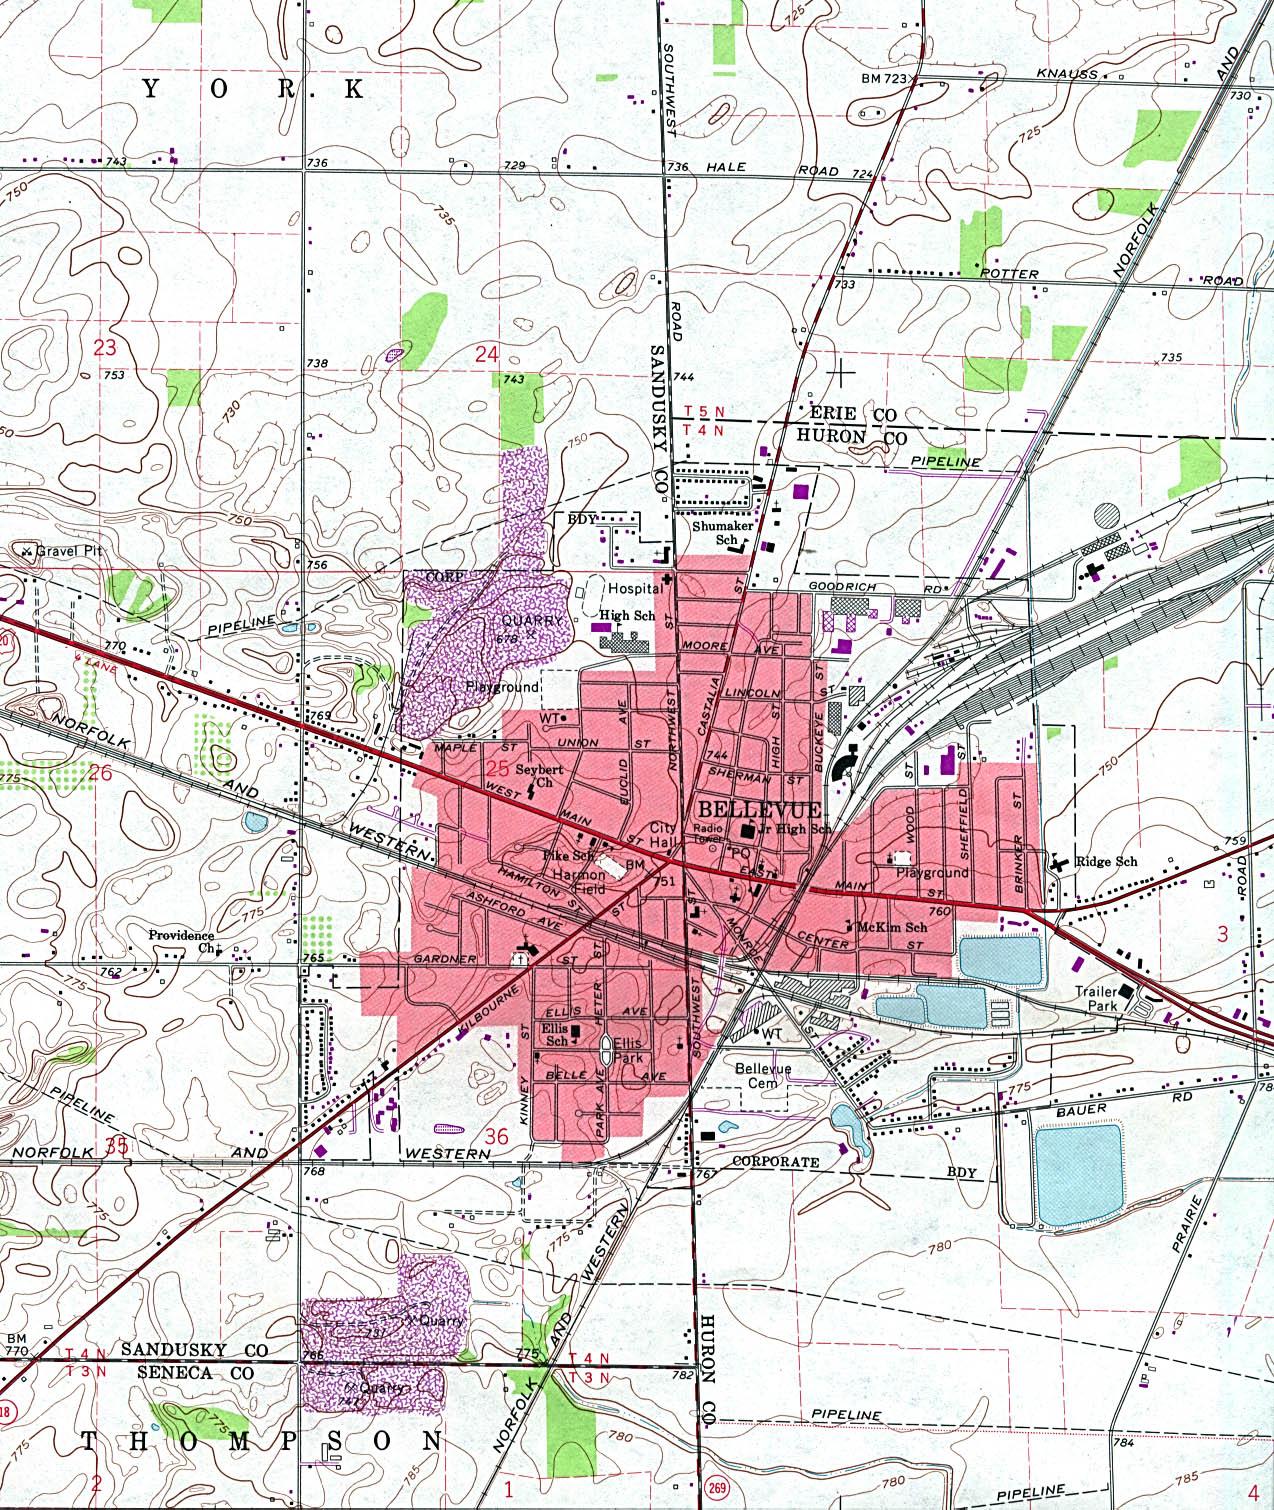 Mapa Topográfico de la Ciudad de Bellevue, Ohio, Estados Unidos